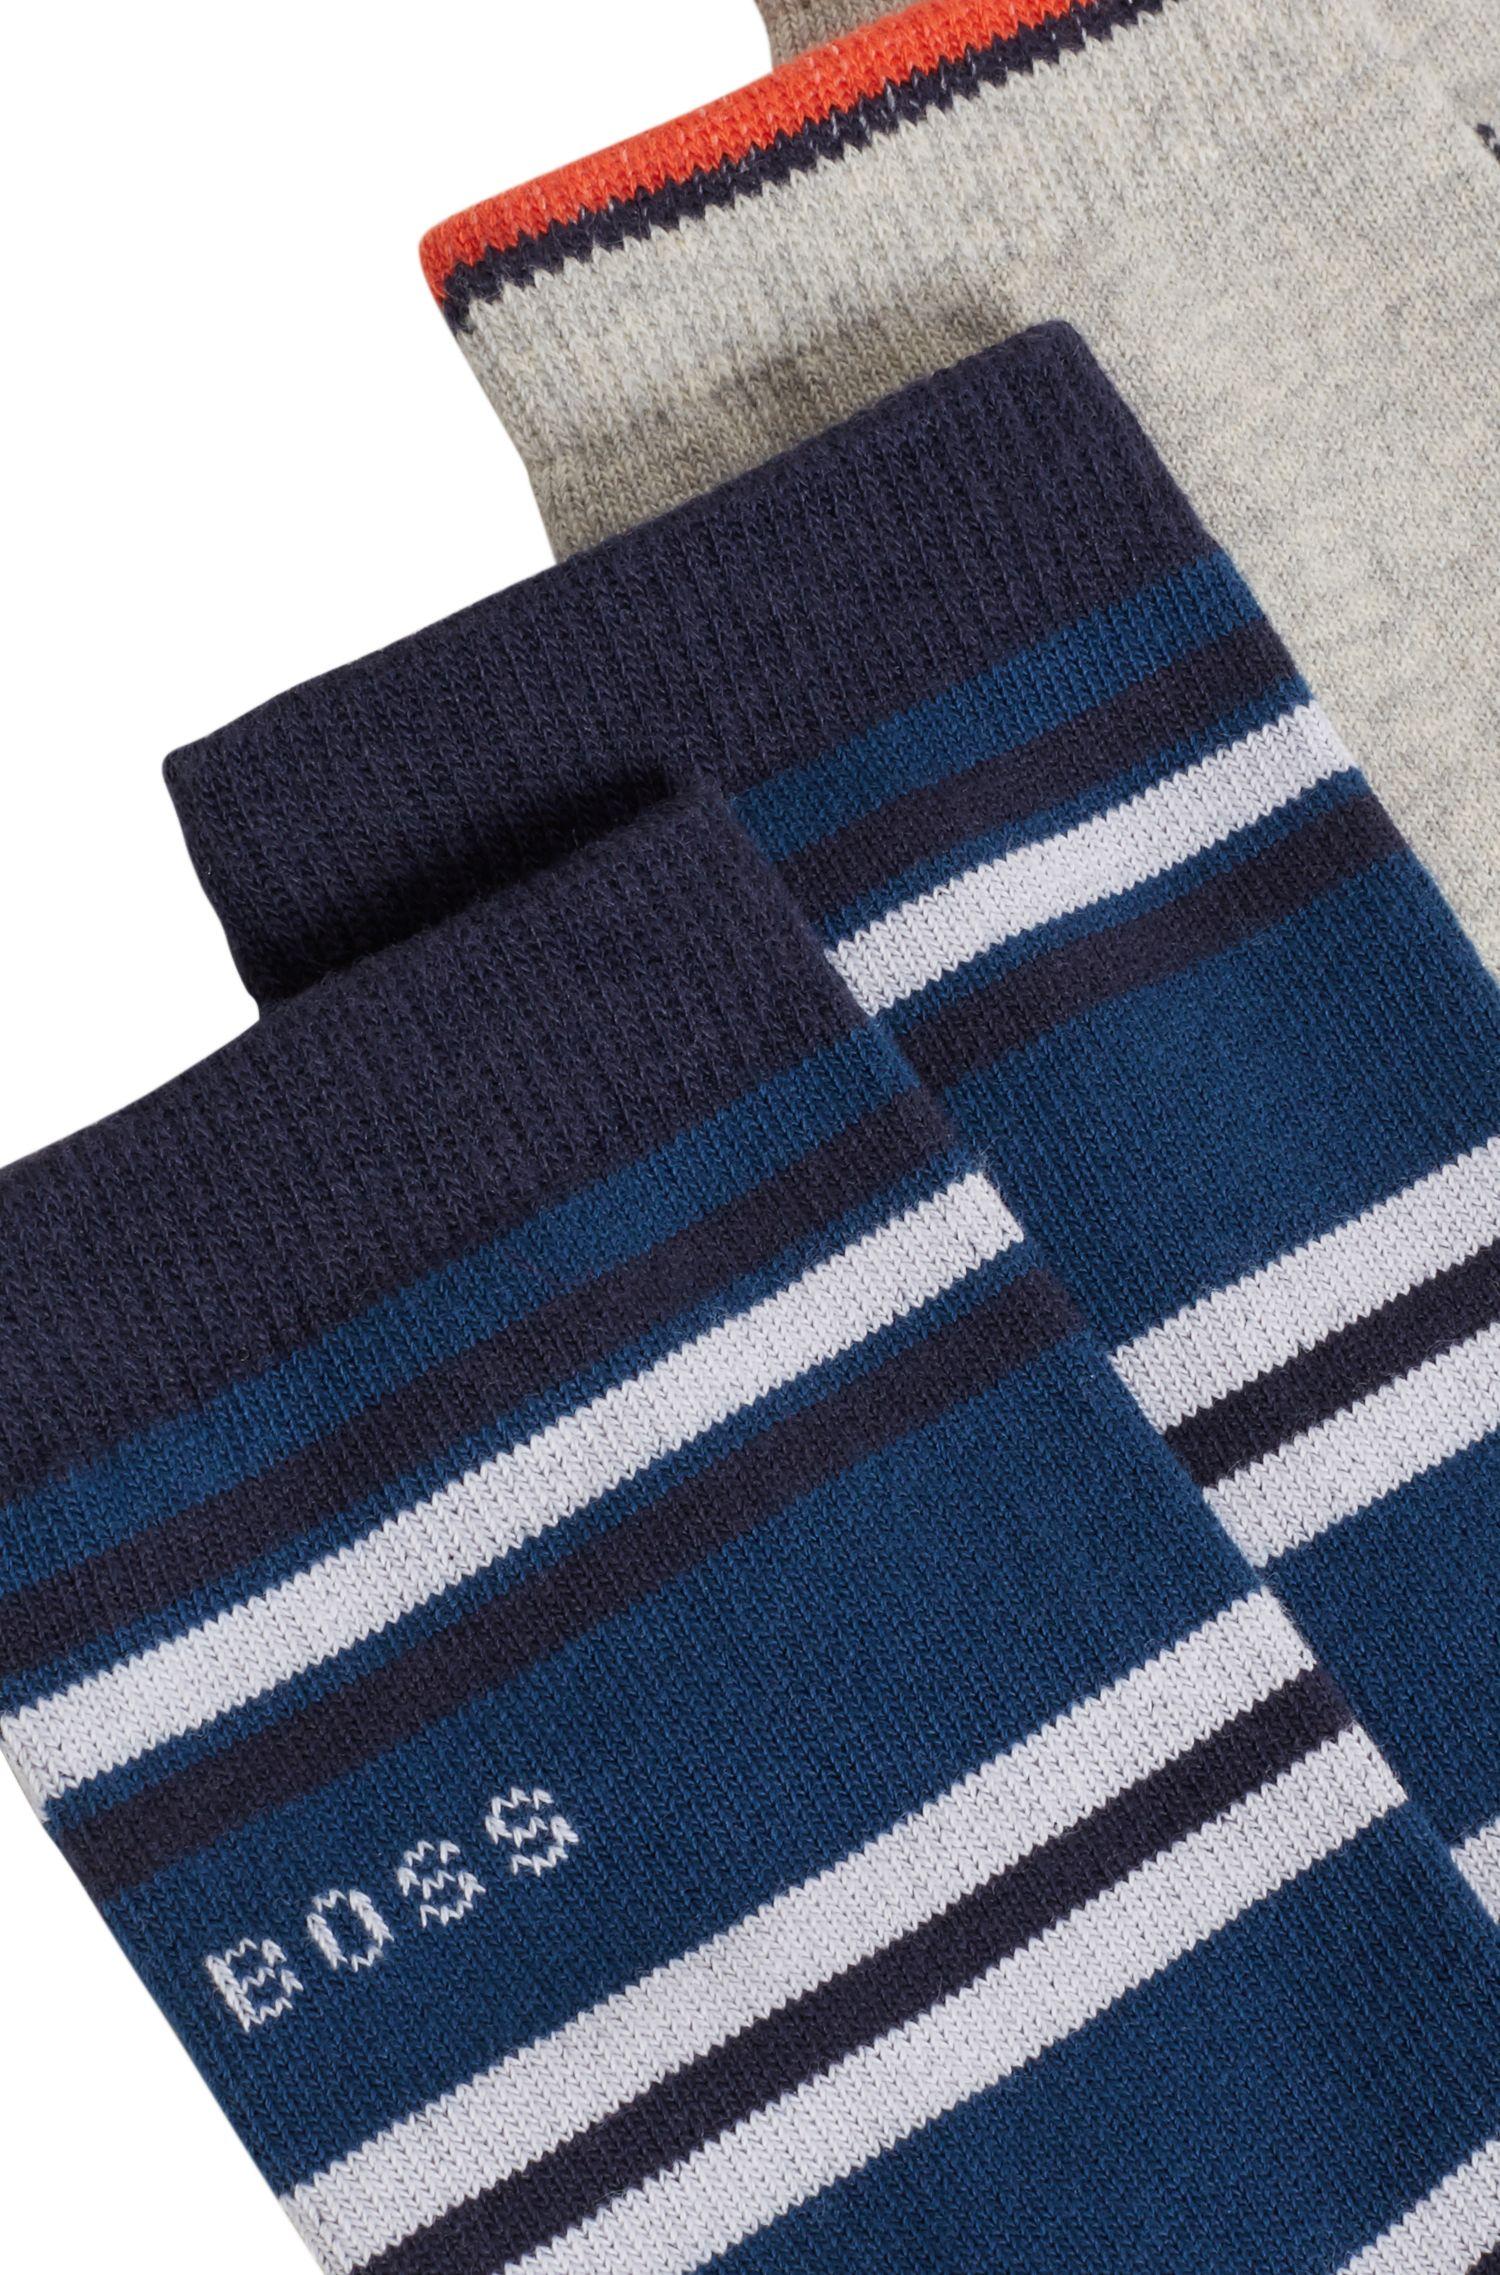 Lot de deux paires de chaussettes pour enfant, en coton mélangé, Bleu foncé